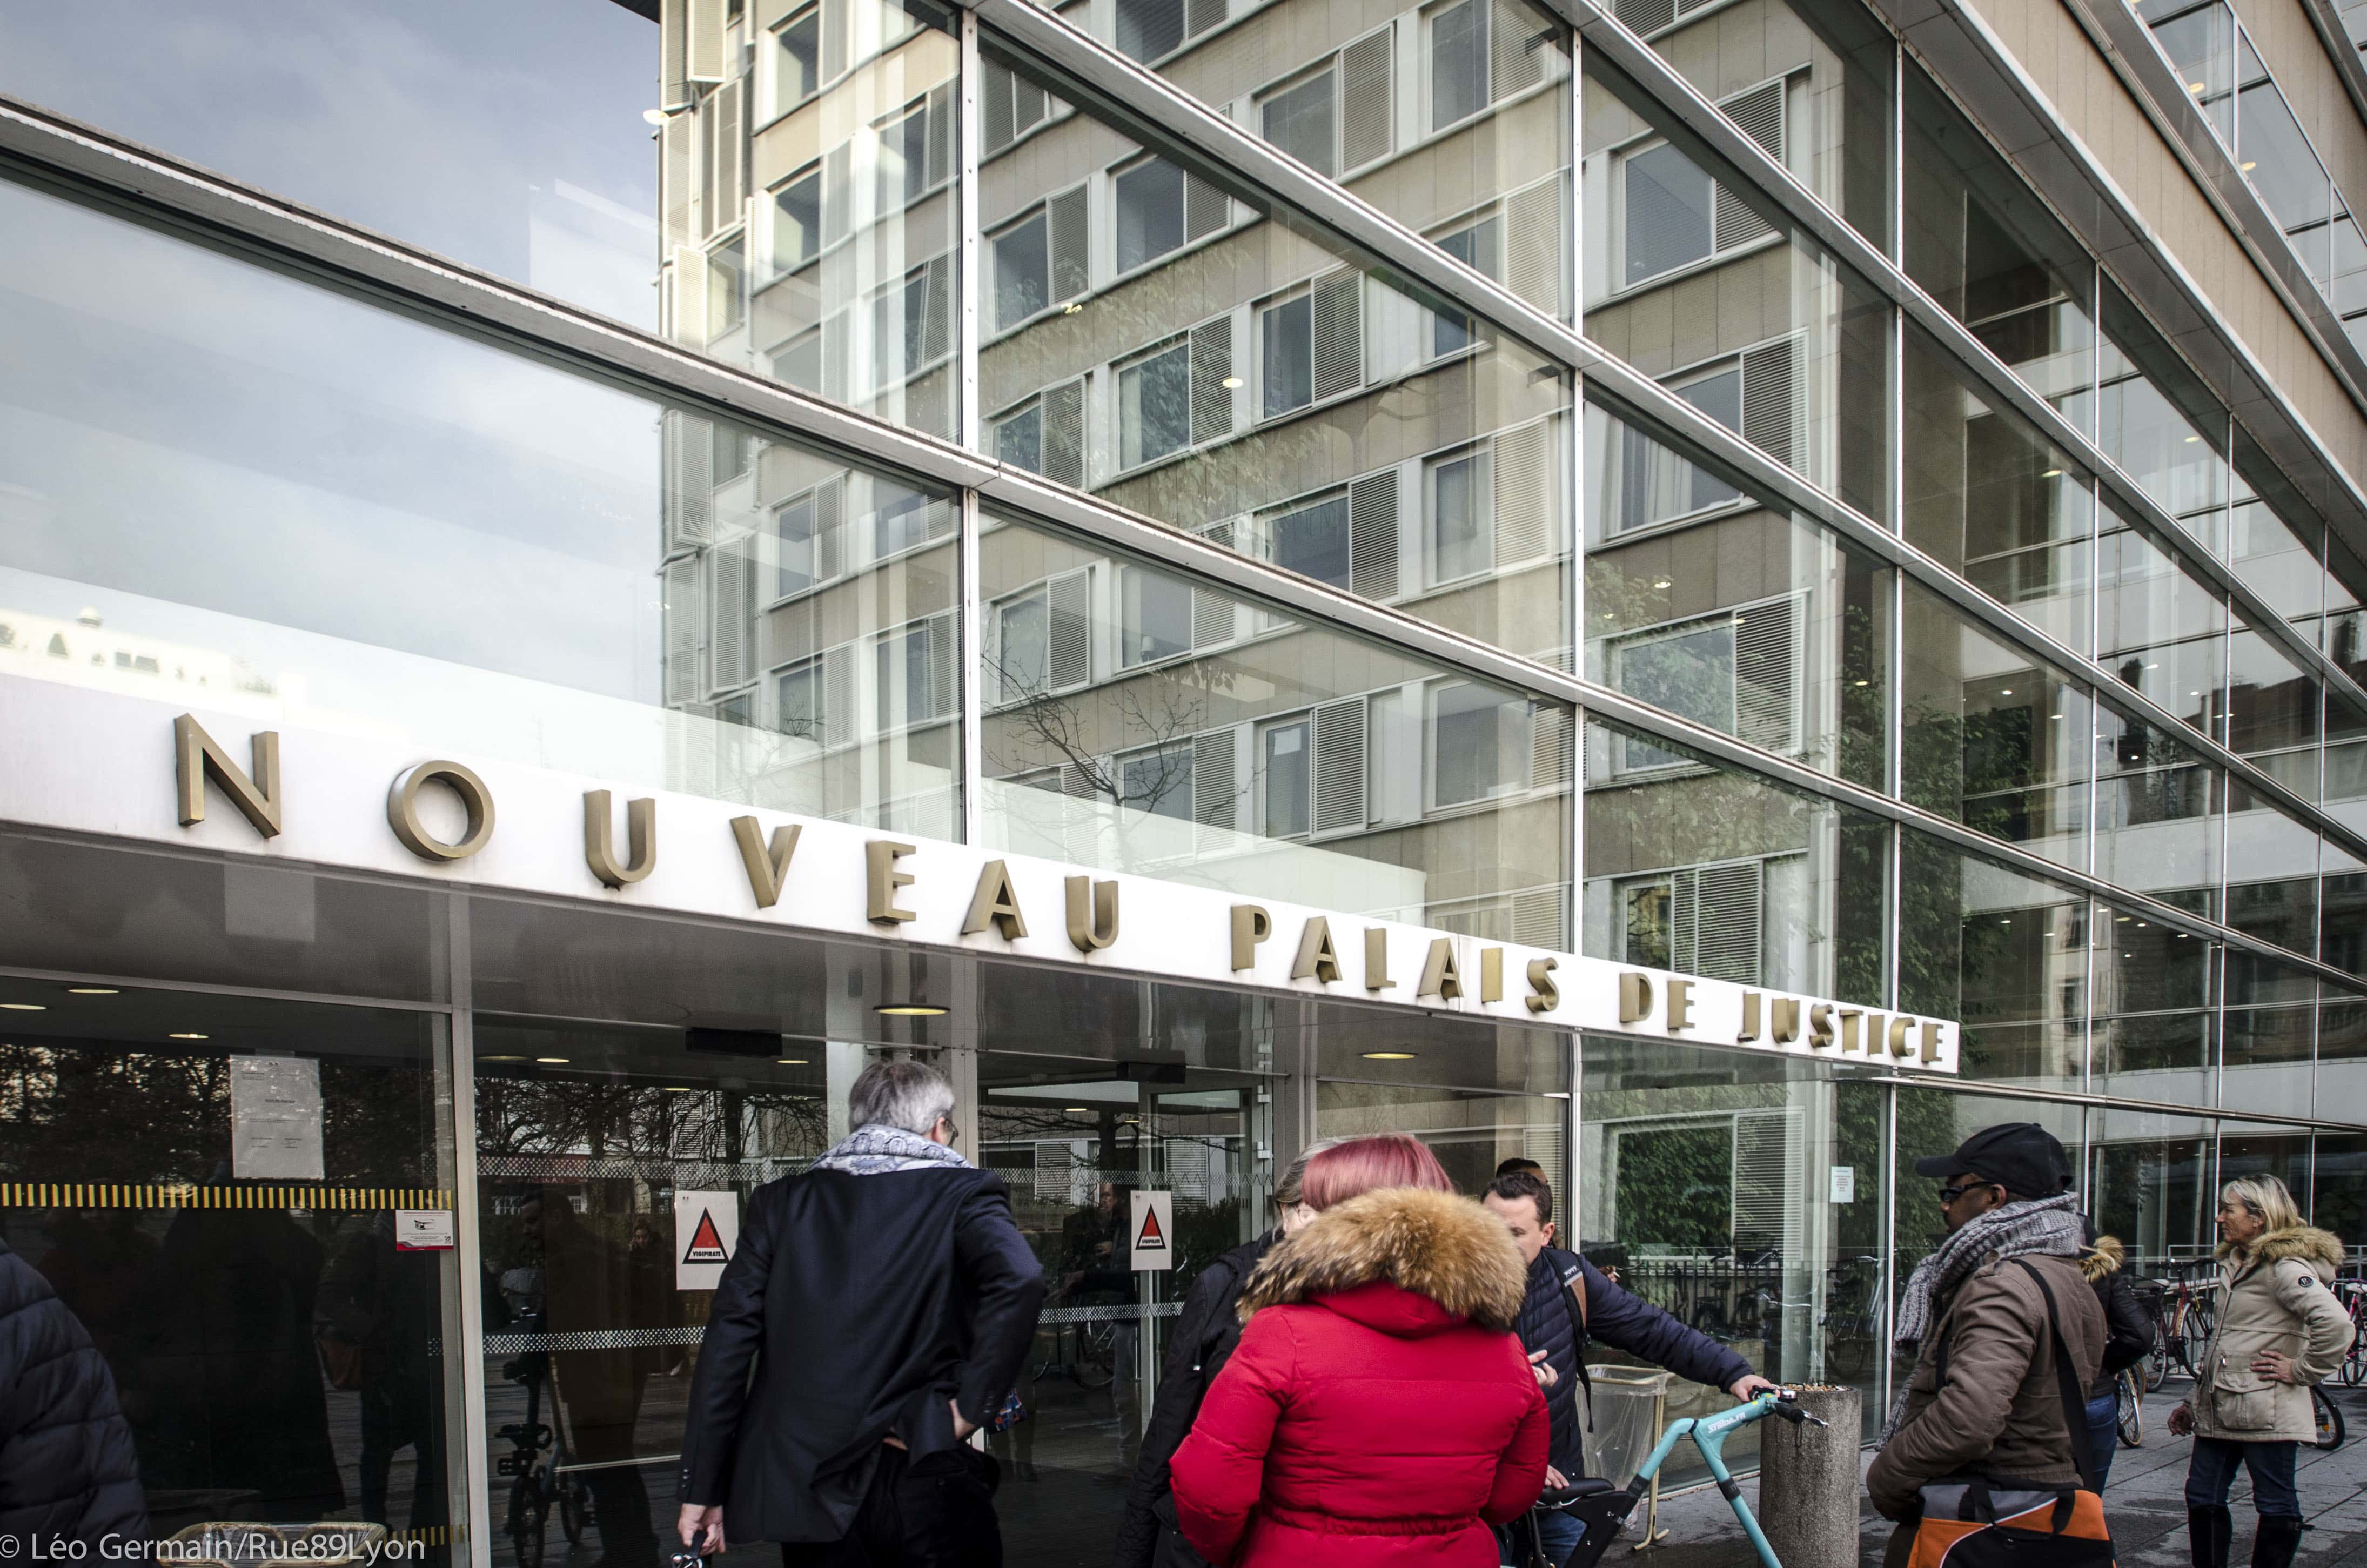 Nouveau palais de justice. Férvier 2017. Lyon ©Léo Germain/Rue89Lyon